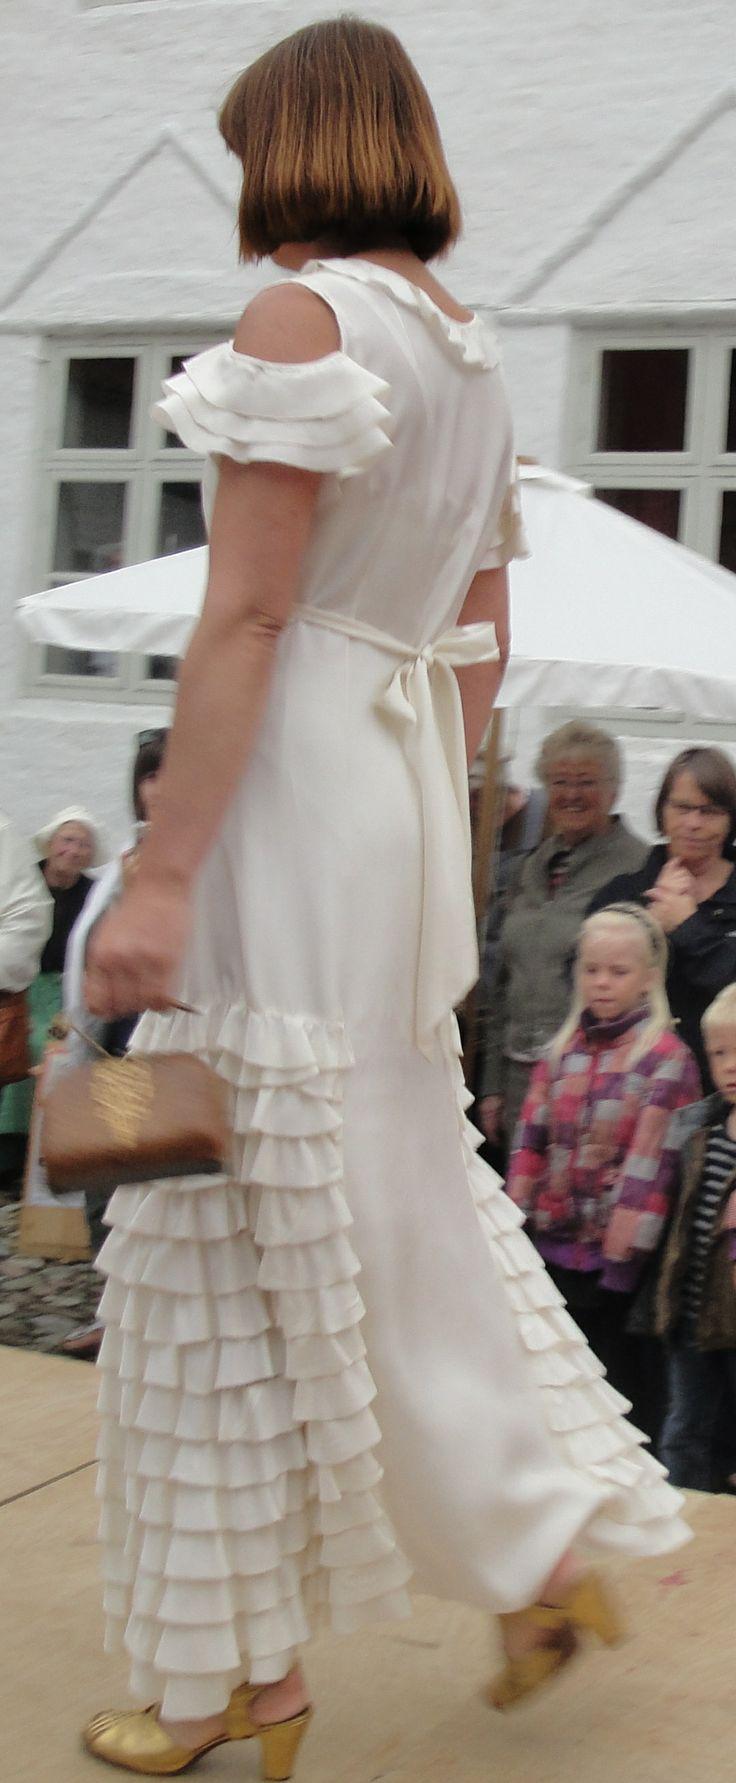 Historisk modeshow på Bratskov 2011. Kjole fra 1910-20